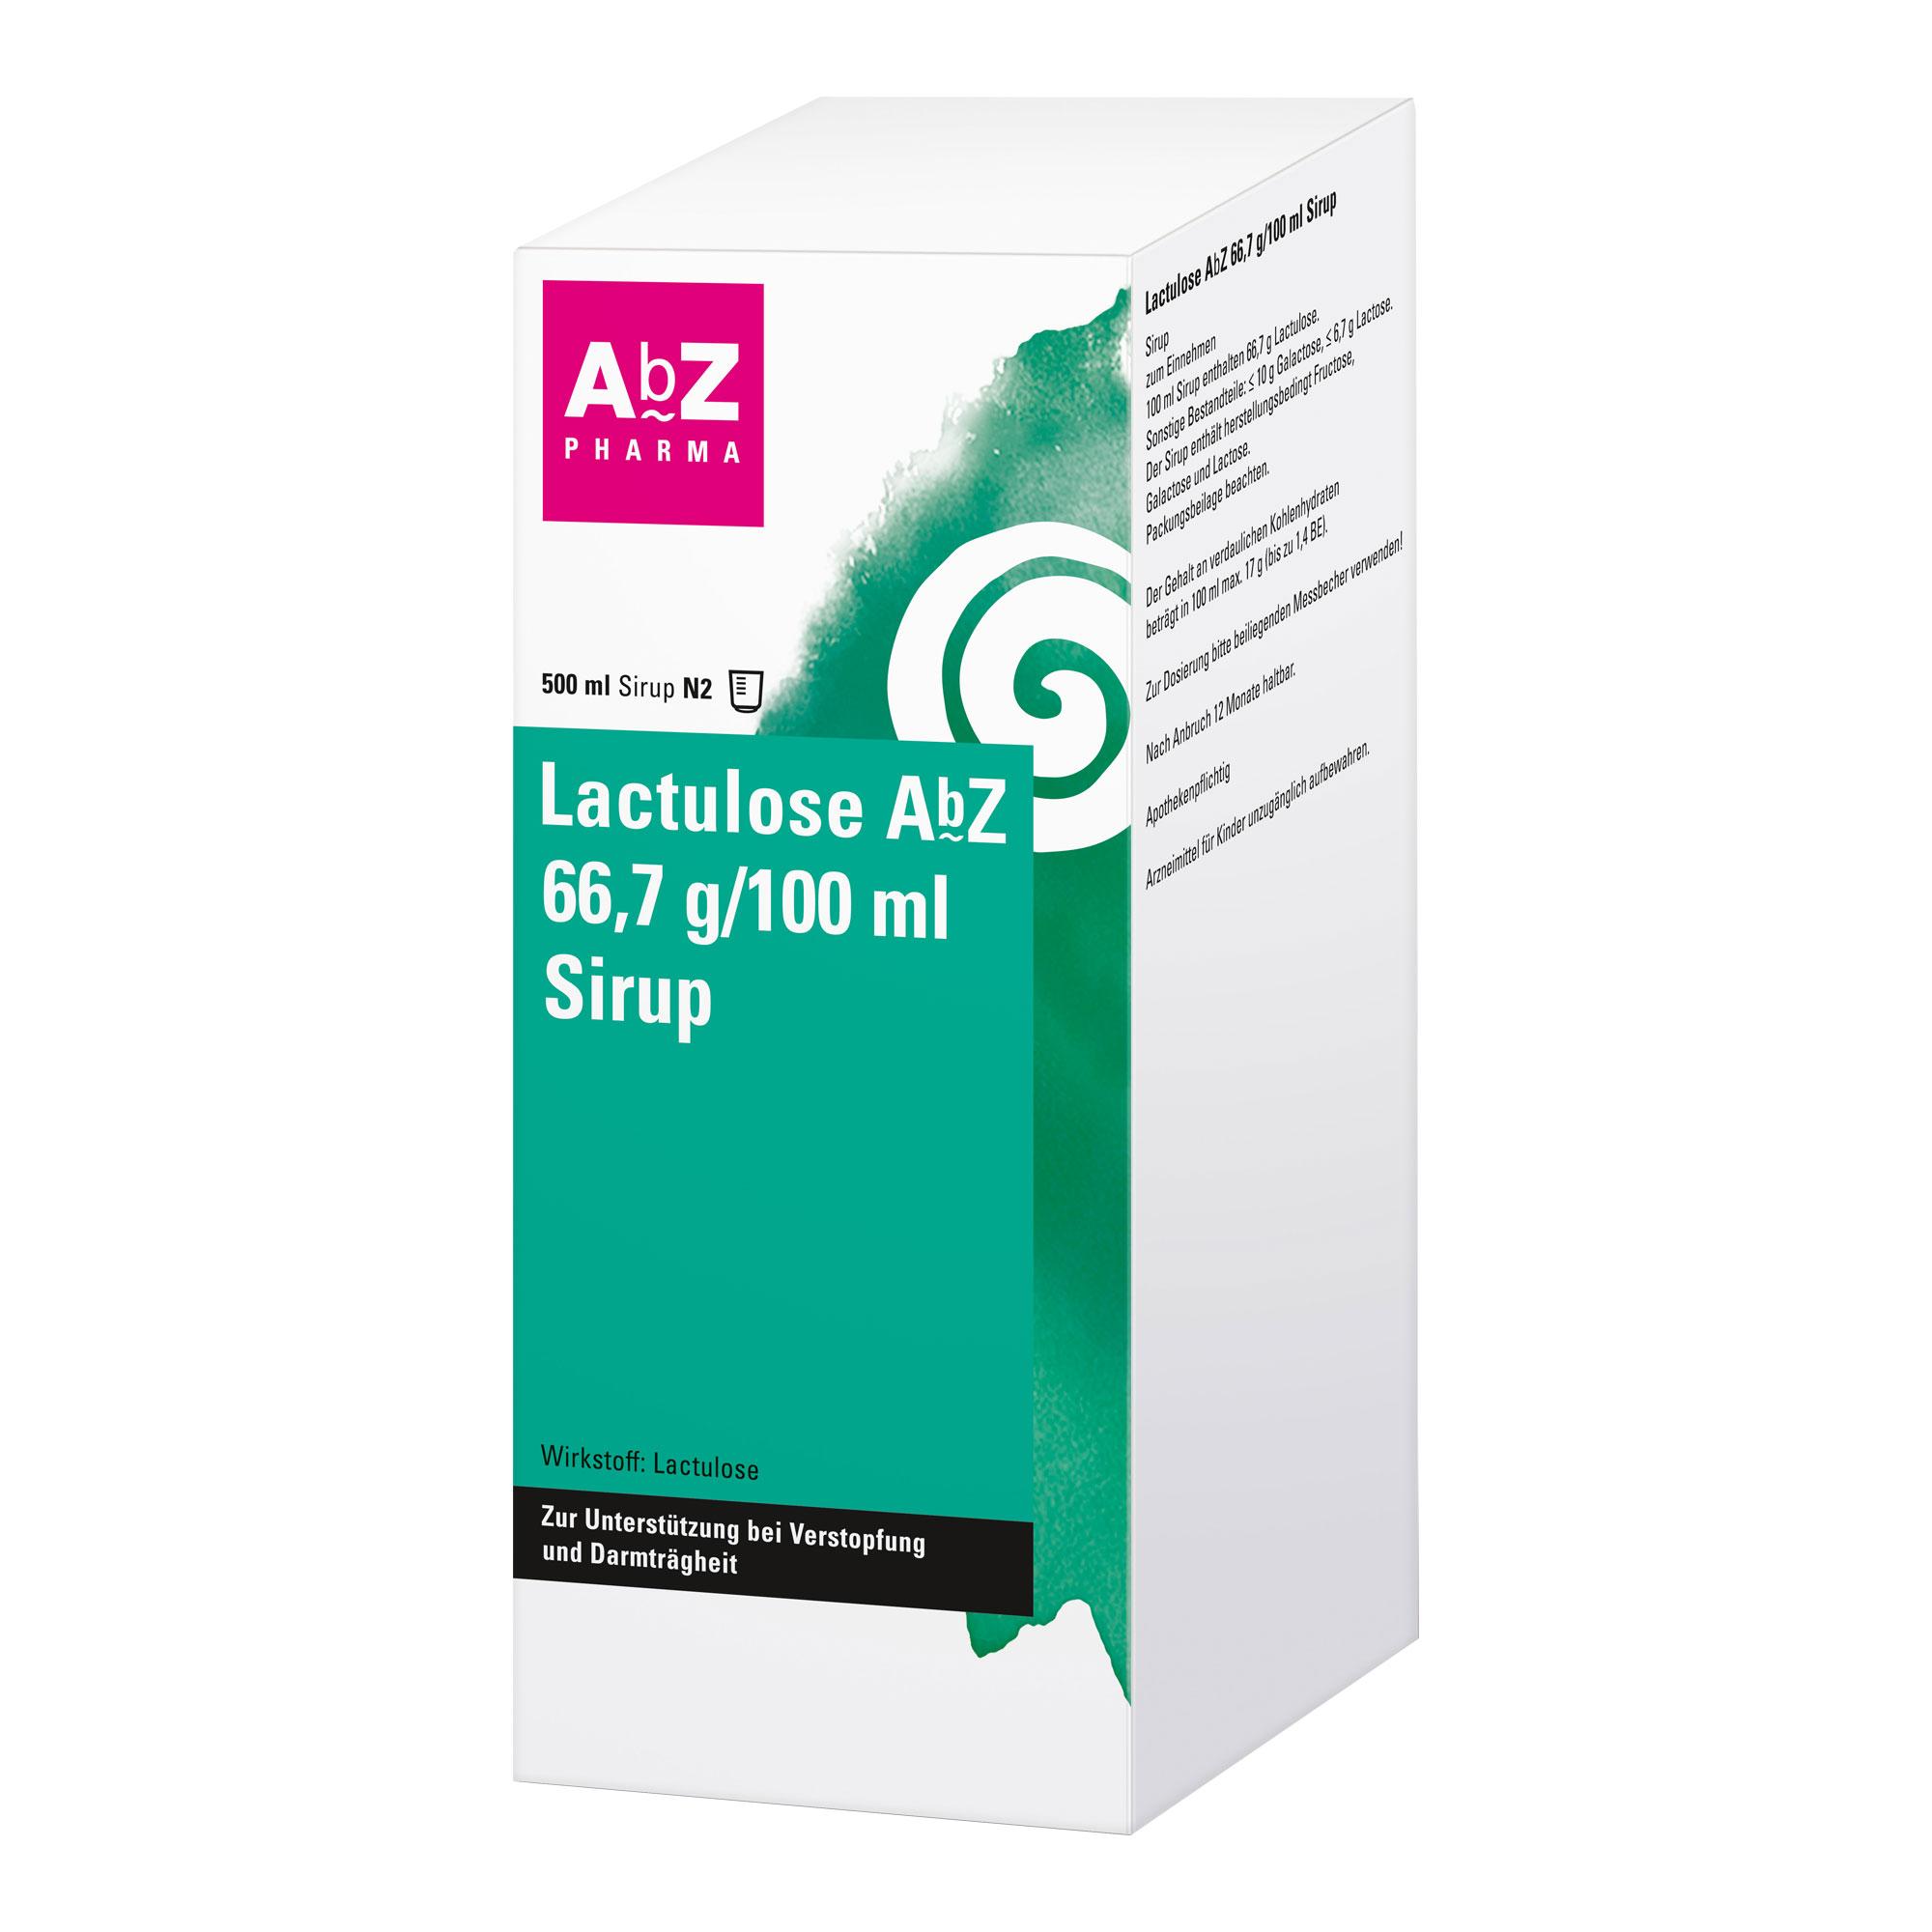 LACTULOSE ABZ 66.7G/100ML